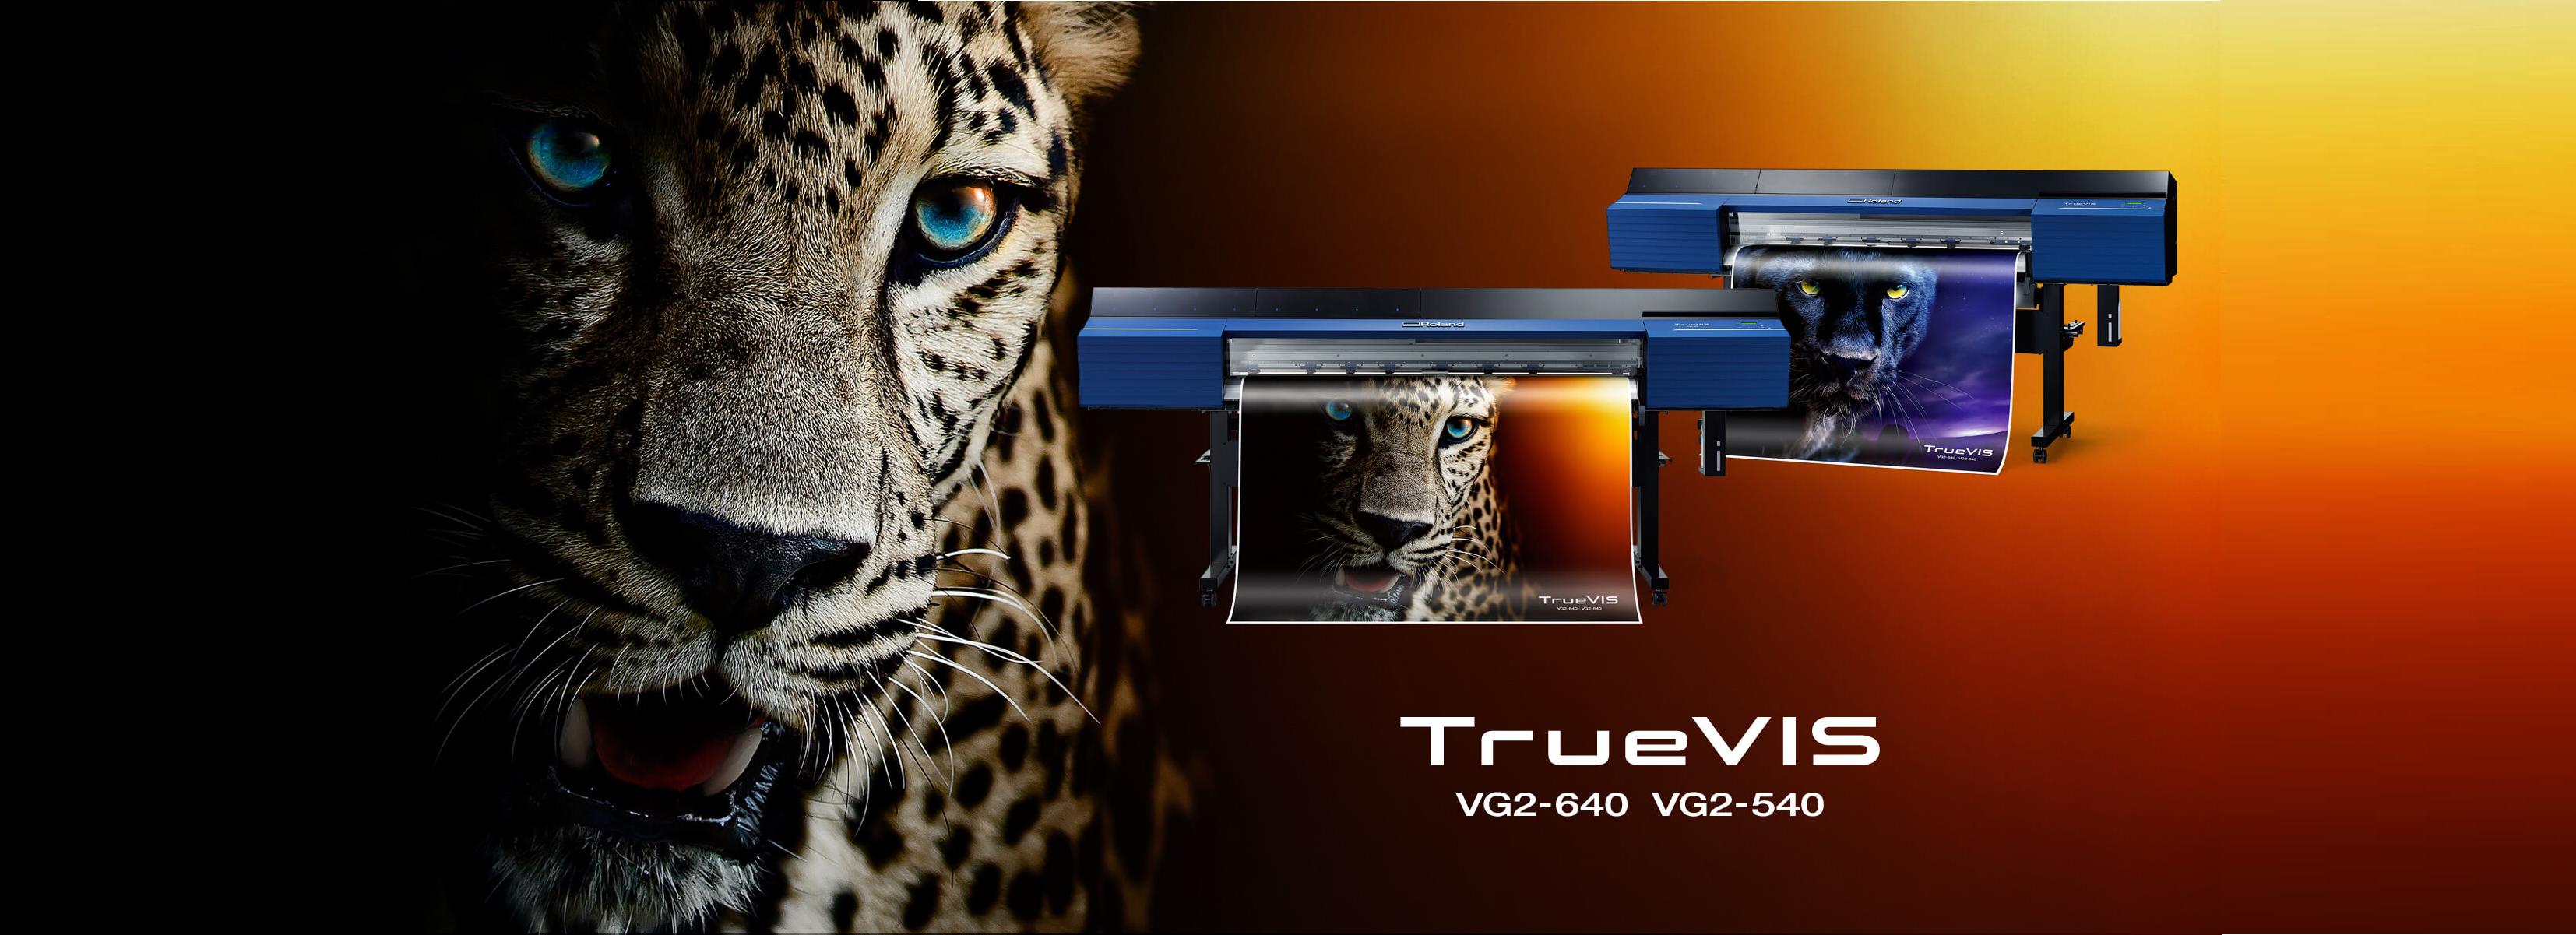 TrueVis VG2-640 / VG2-540